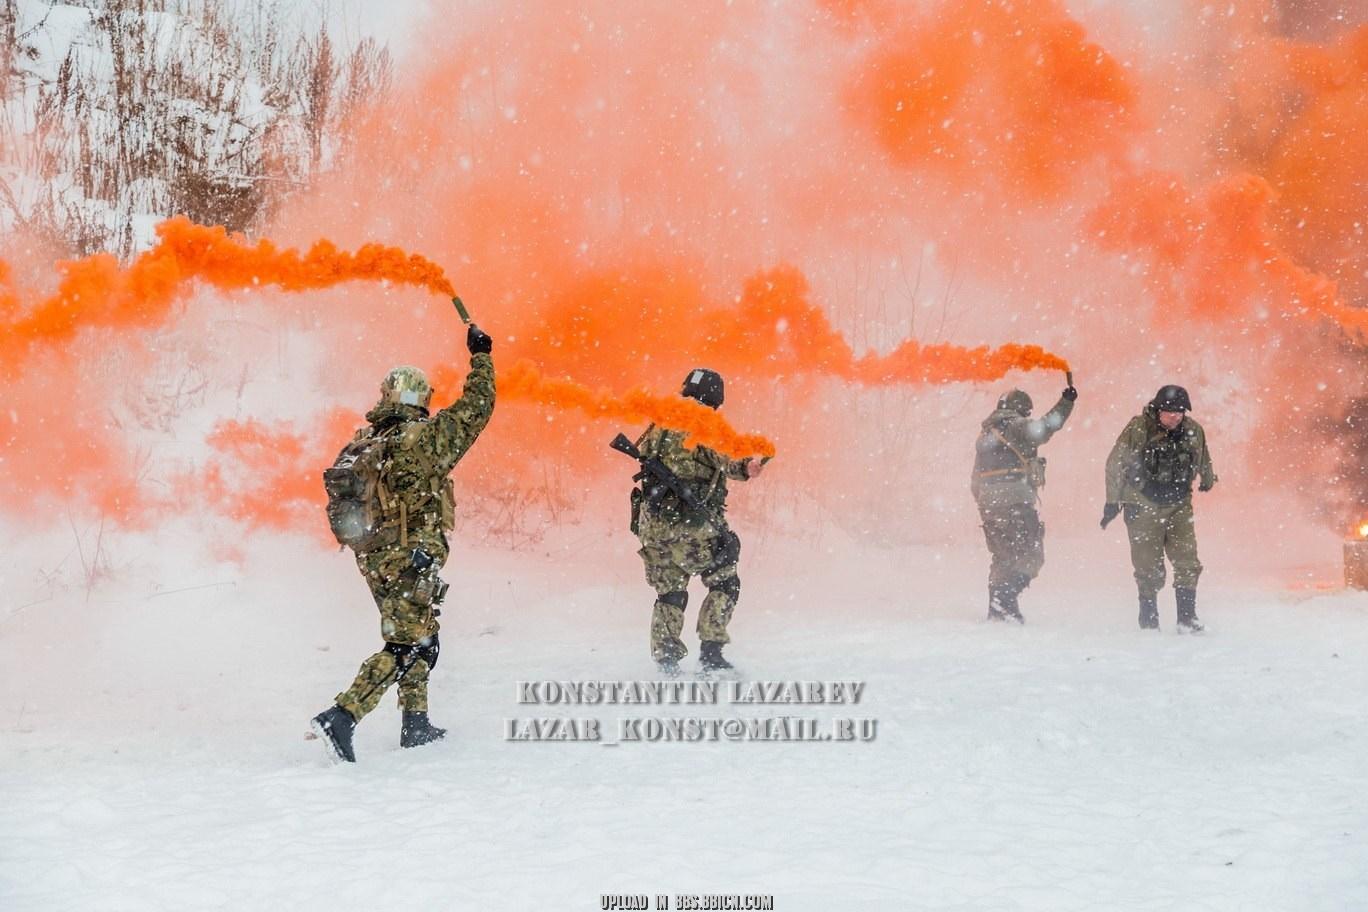 五彩俄罗斯——莫斯科特别反应小组士兵 - hubao.an - hubao.an的博客